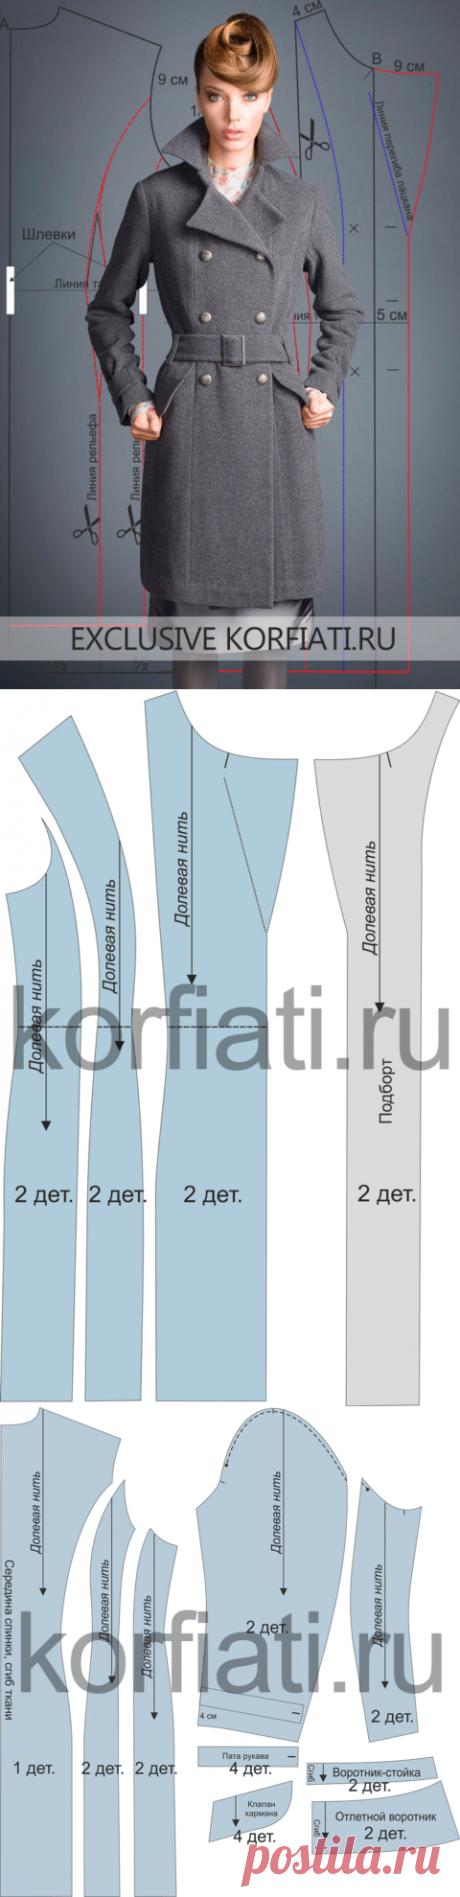 Выкройка классического пальто от Анастасии Корфиати